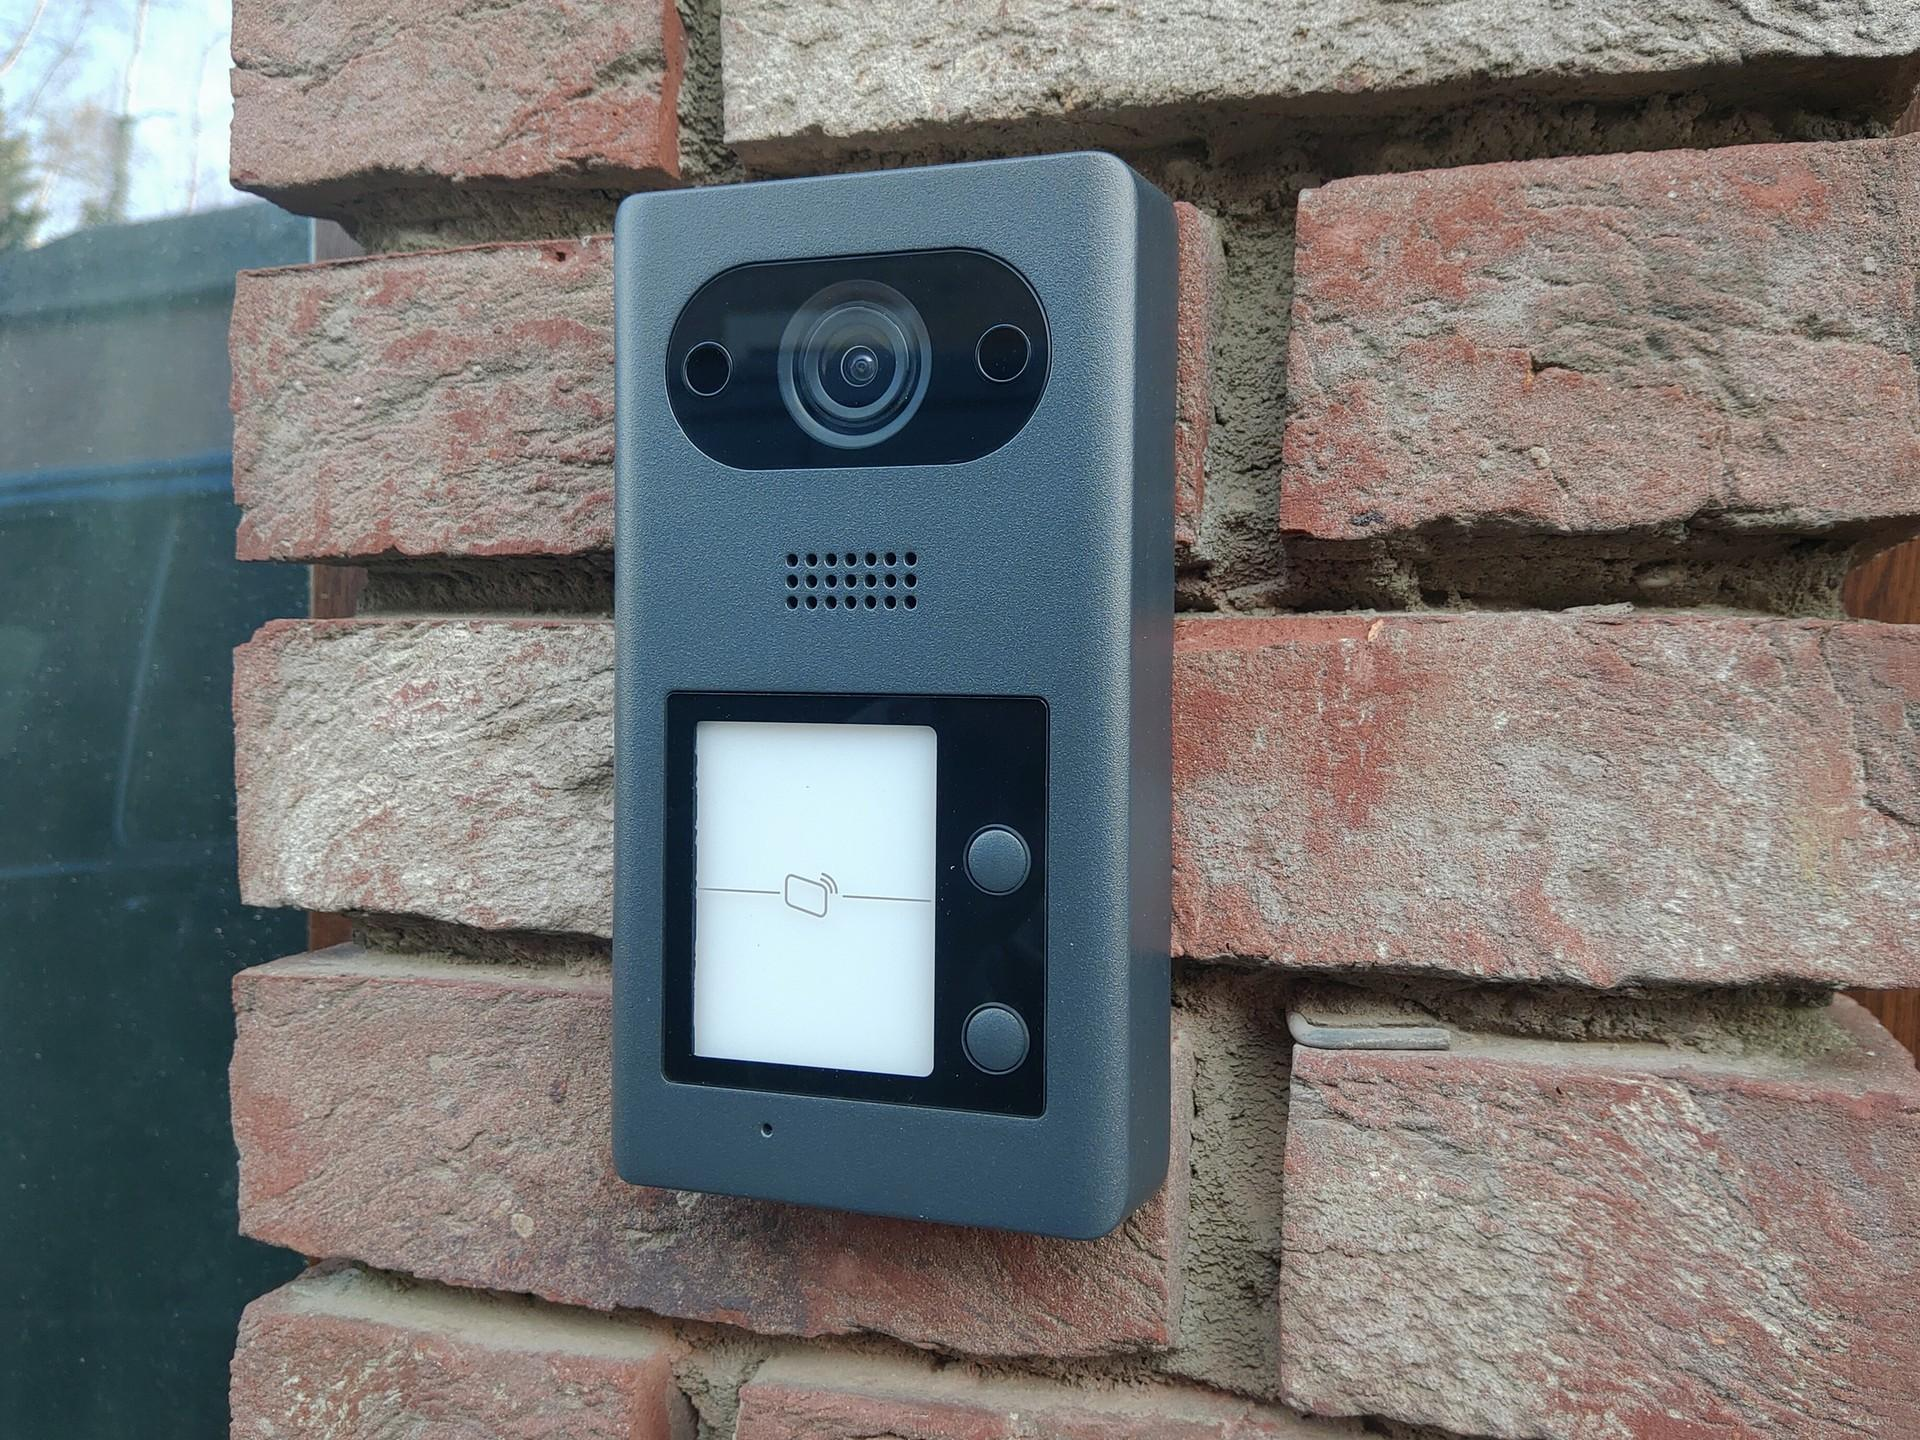 Alarme plus miniature service controle acces